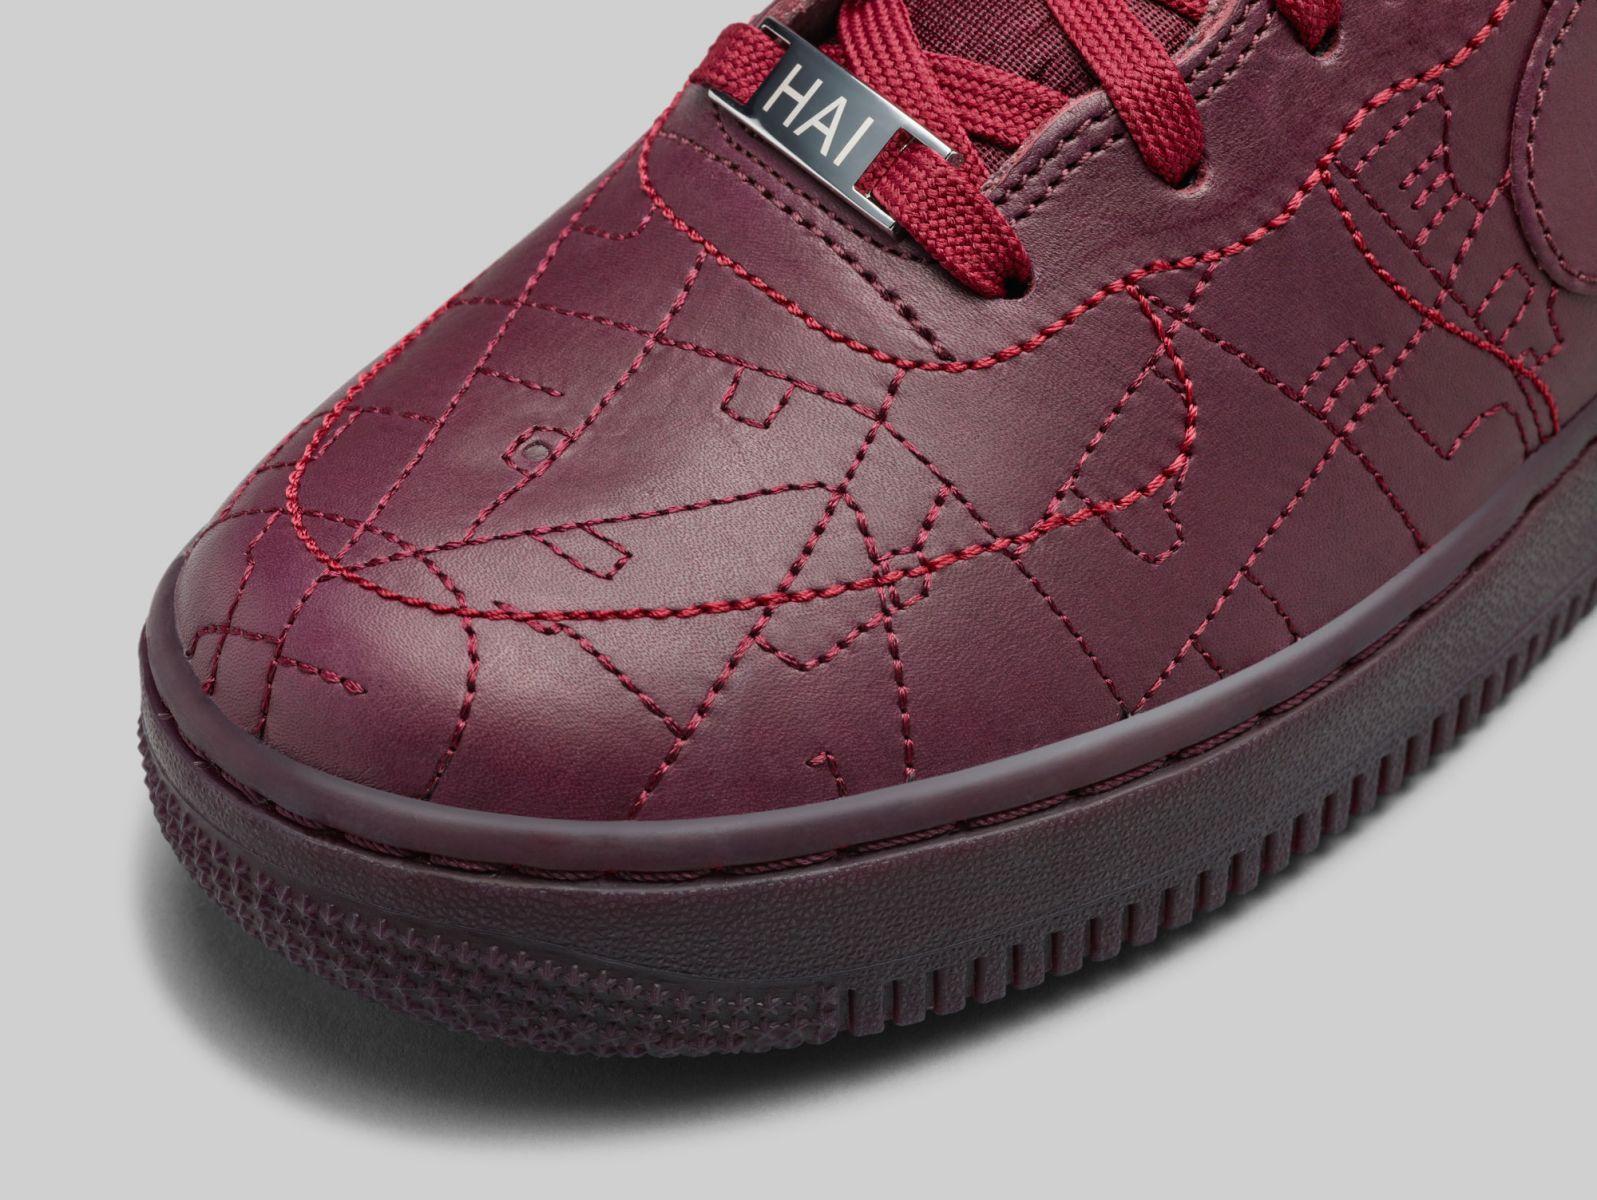 Nike Wmns Air Force 1 Paquet De Ville